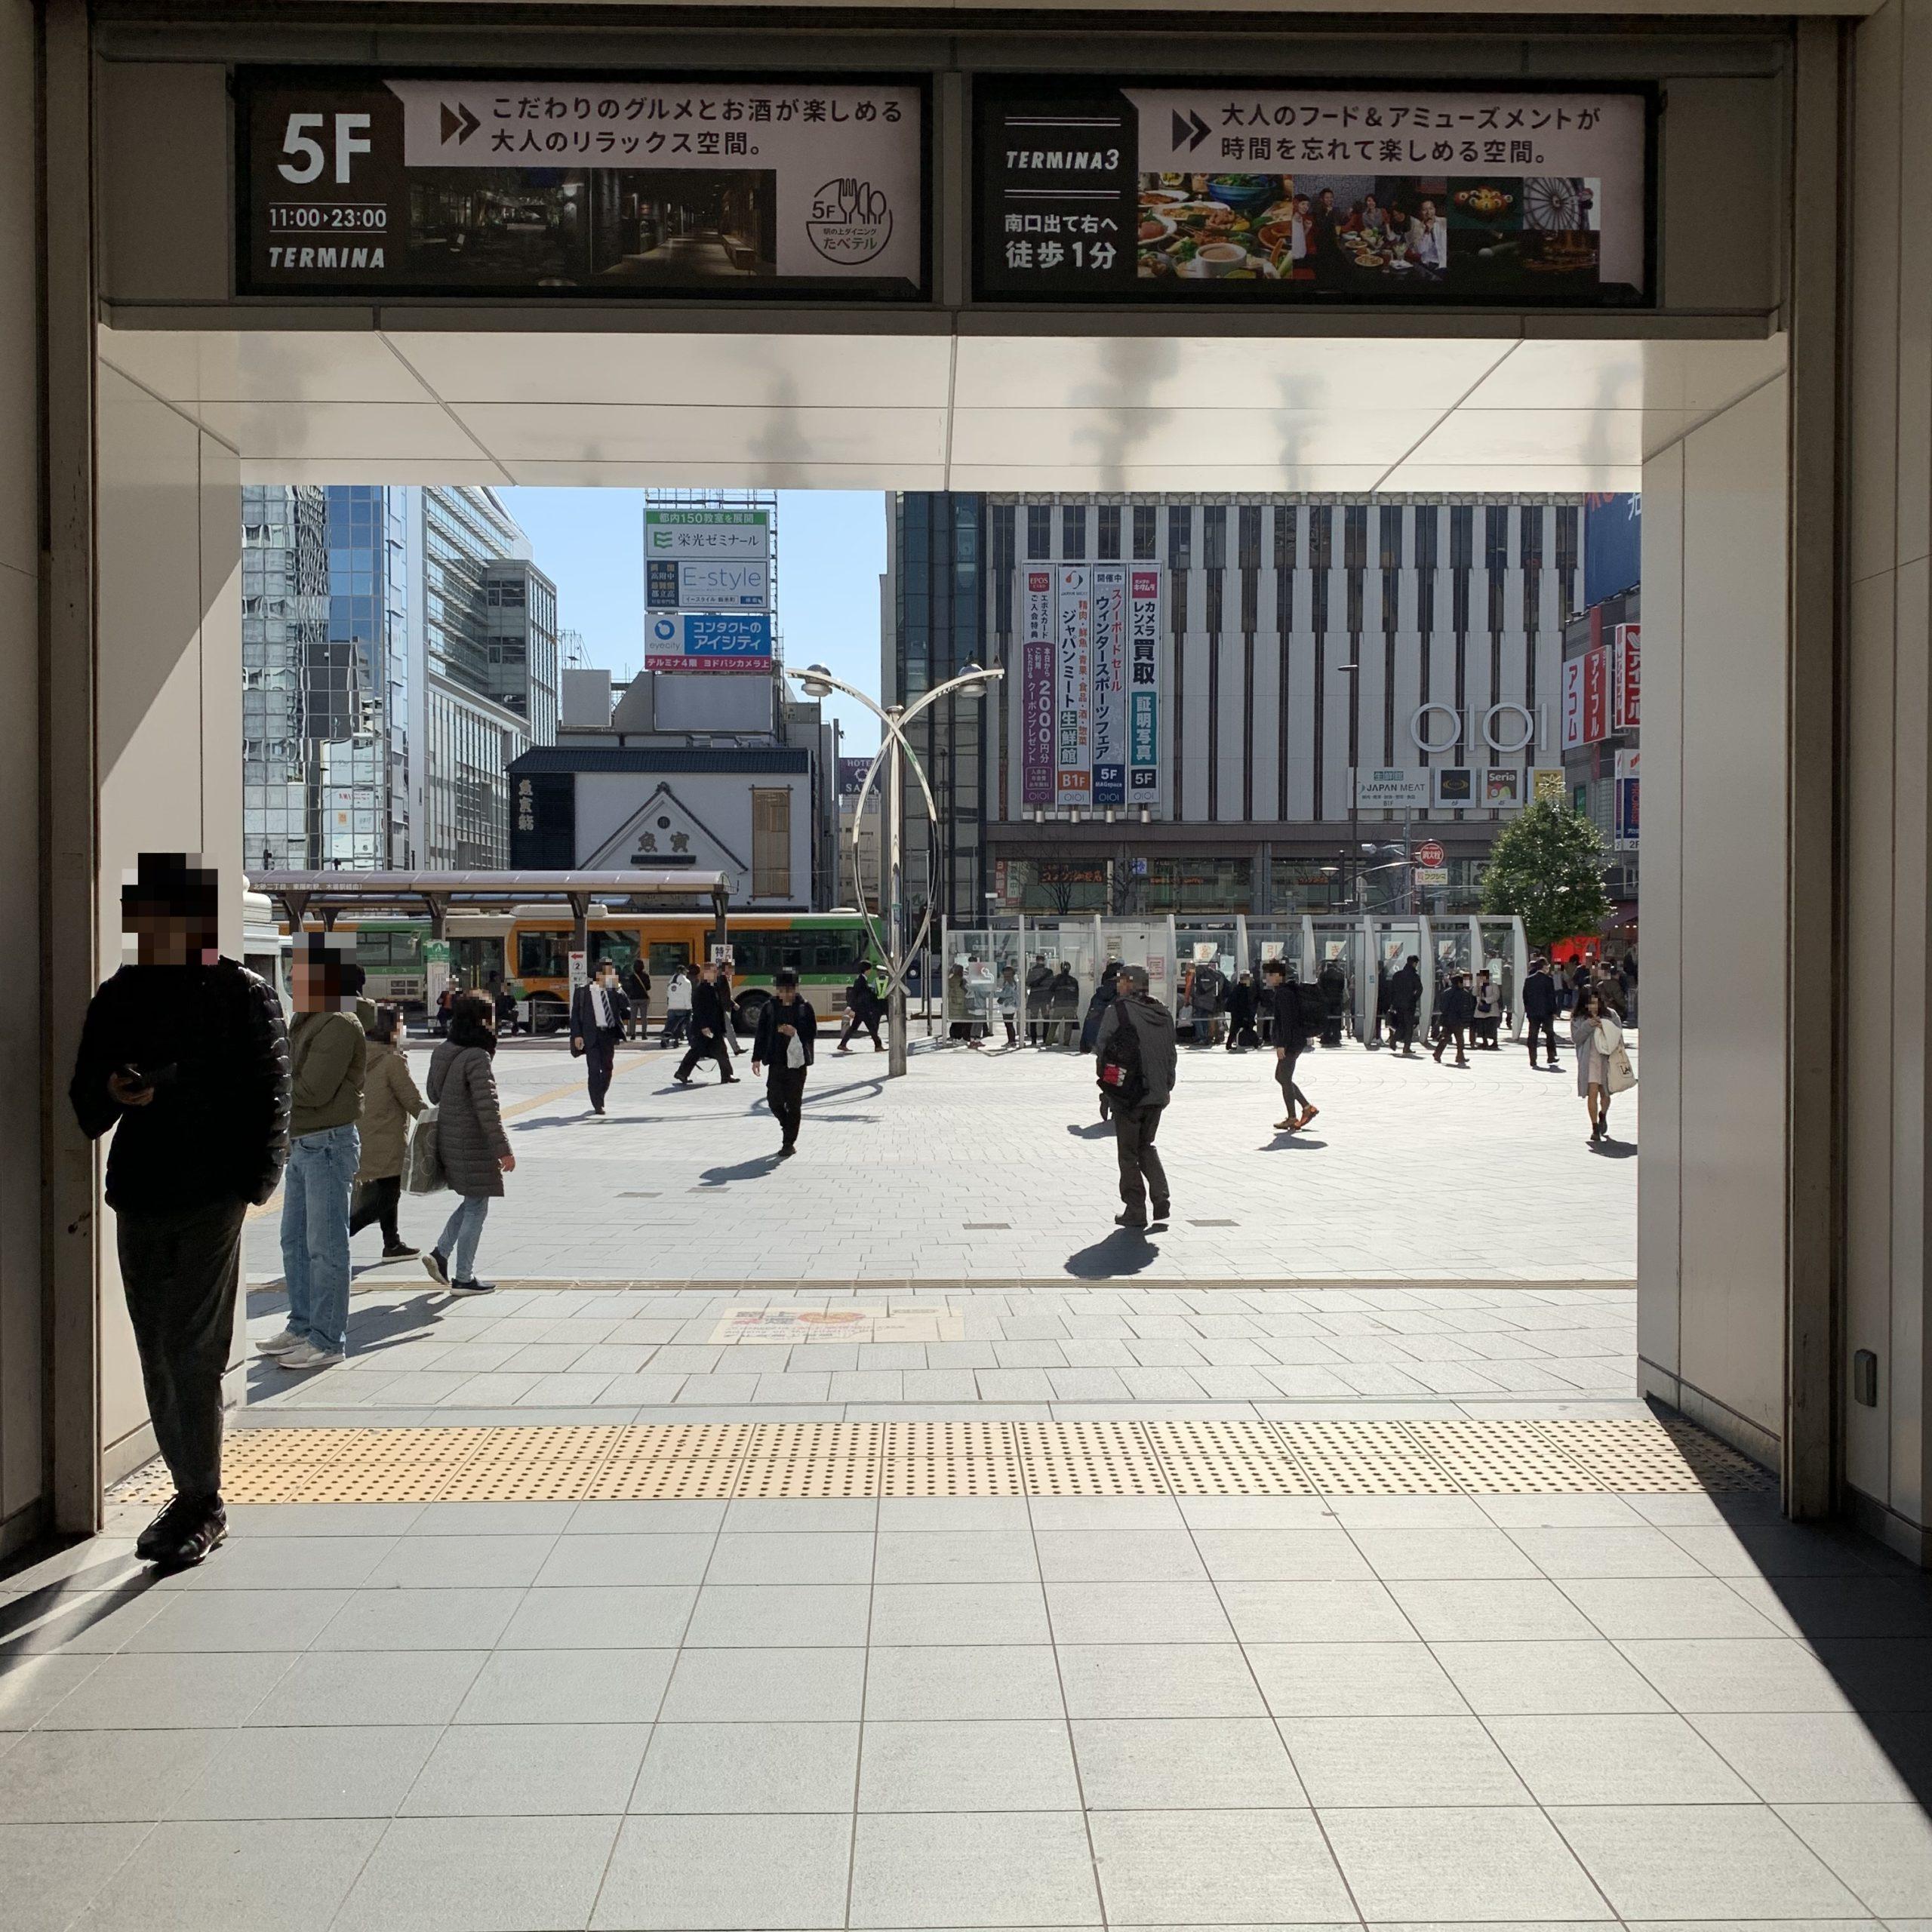 2.南口を出ると正面に広場に出ますので、左に進みます。